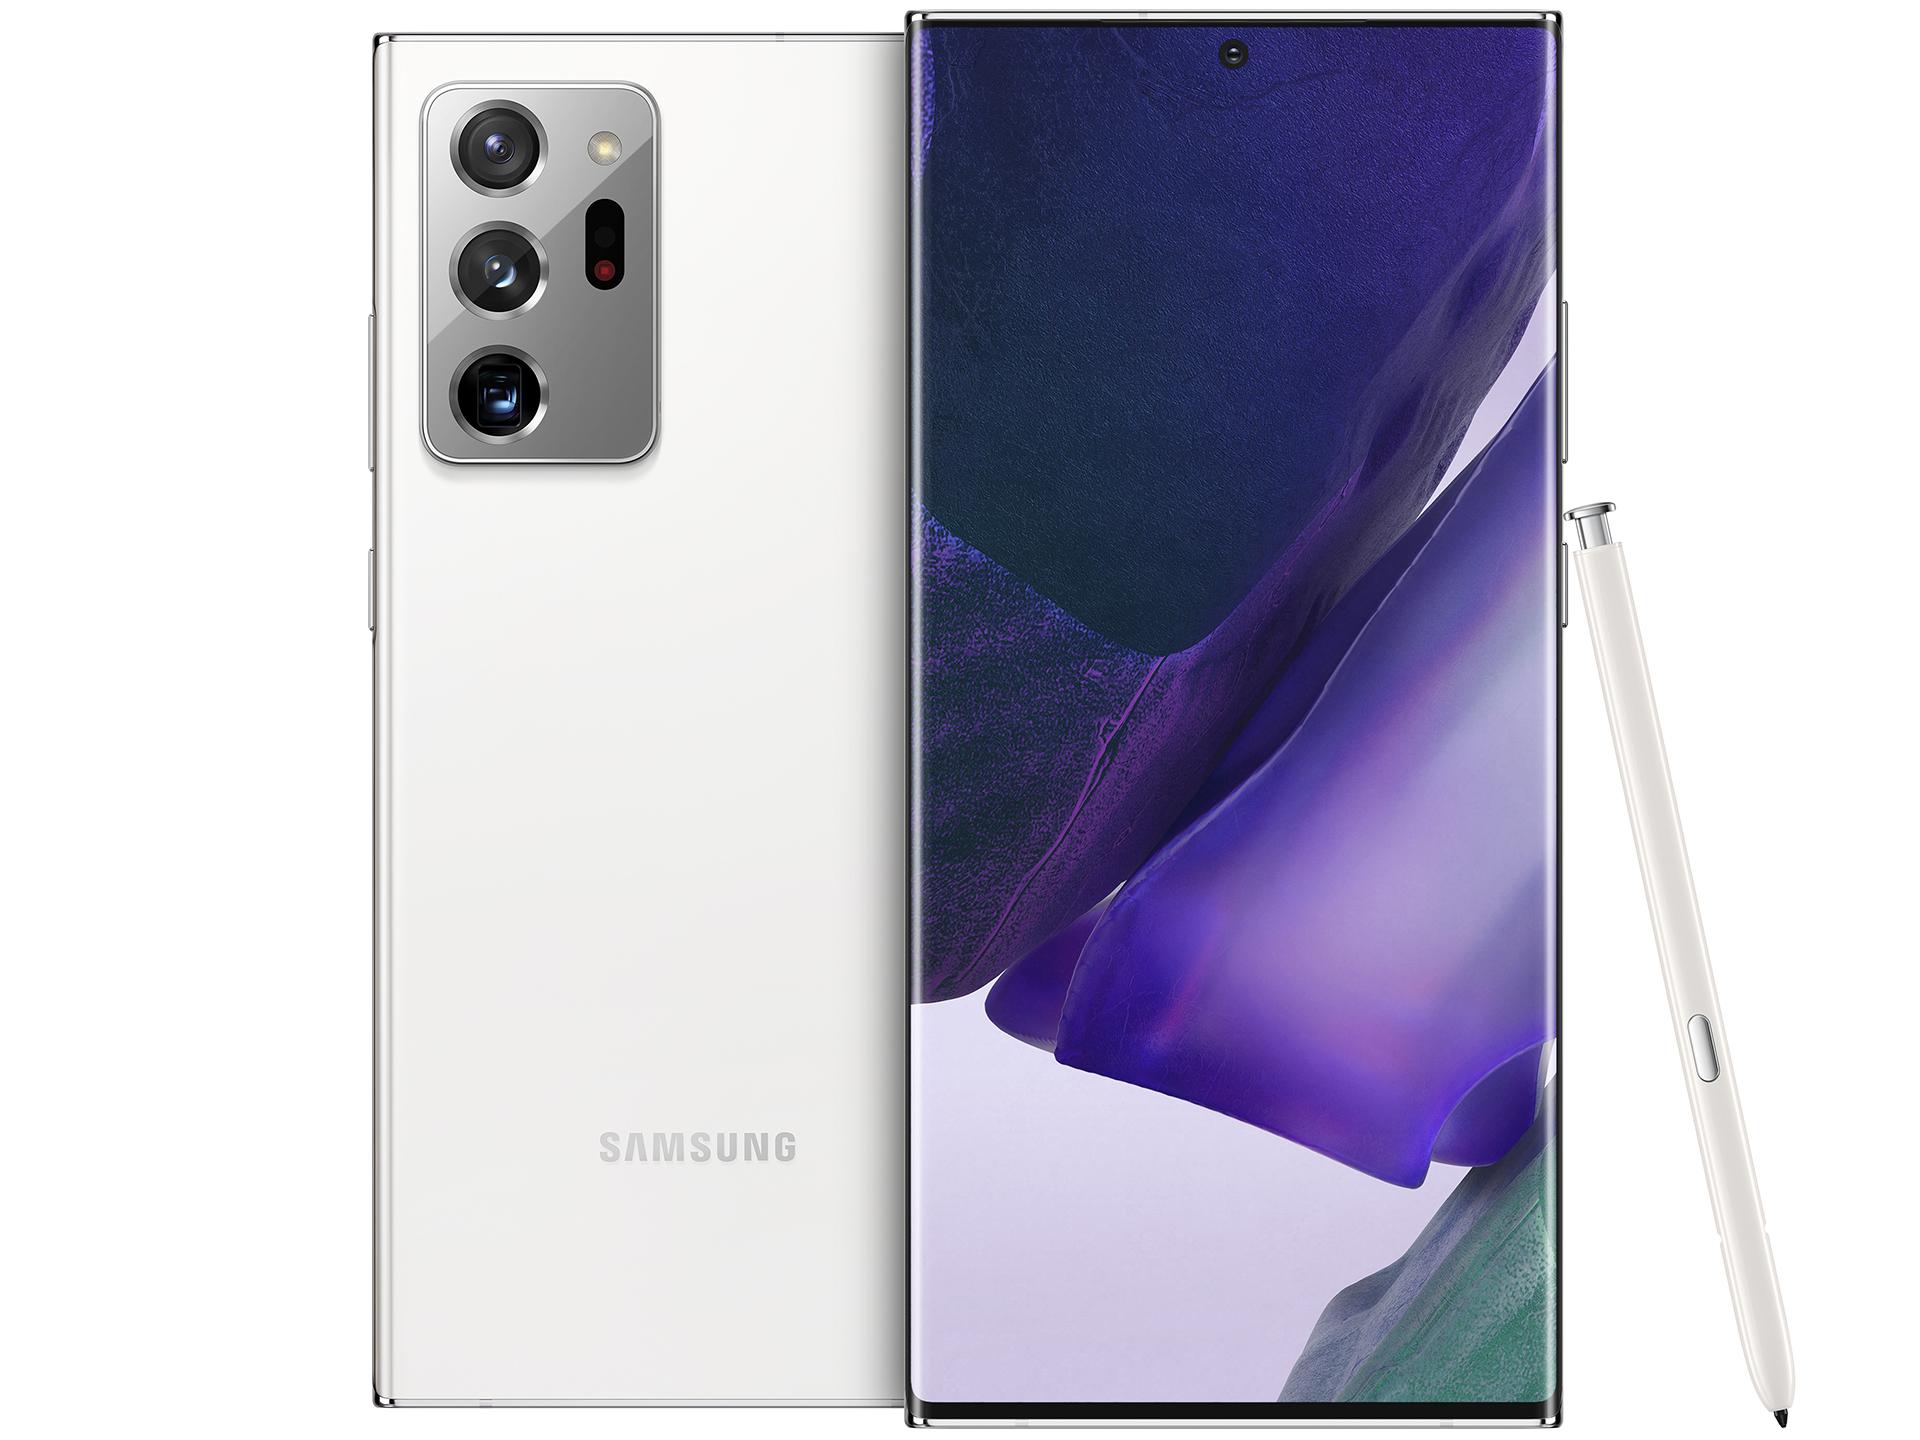 Galaxy Note20 Ultra 5G + 120 GB O2, Free L Boost inkl. 5G und LTE max. + 100 Euro Samsung Pay Guthaben + 12 Monate Netflix